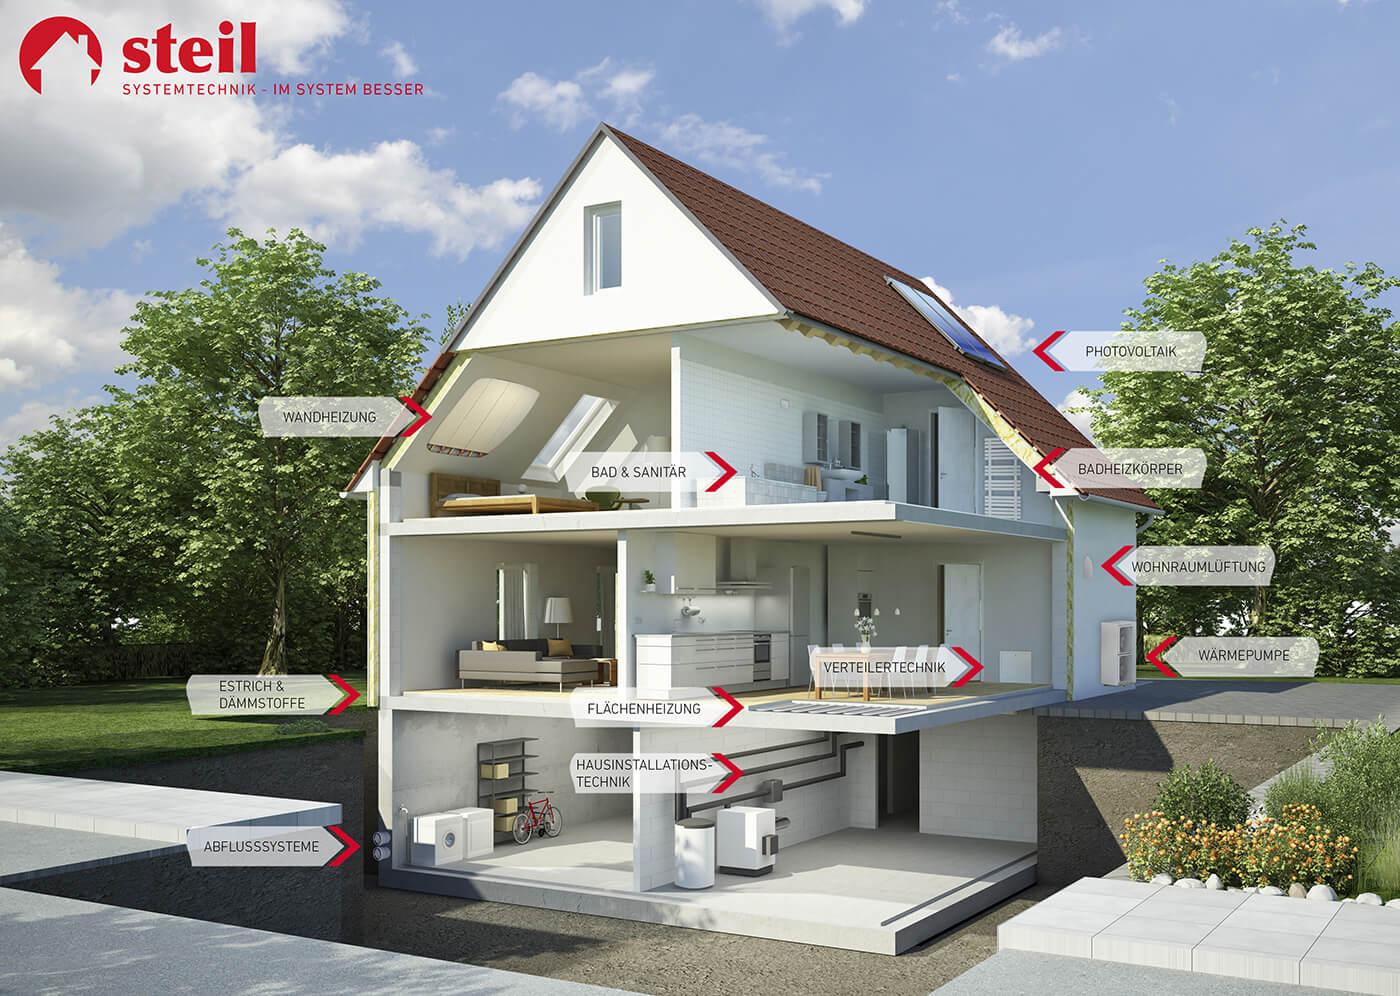 Steil Systemhaus mit einzelnen Komponenten